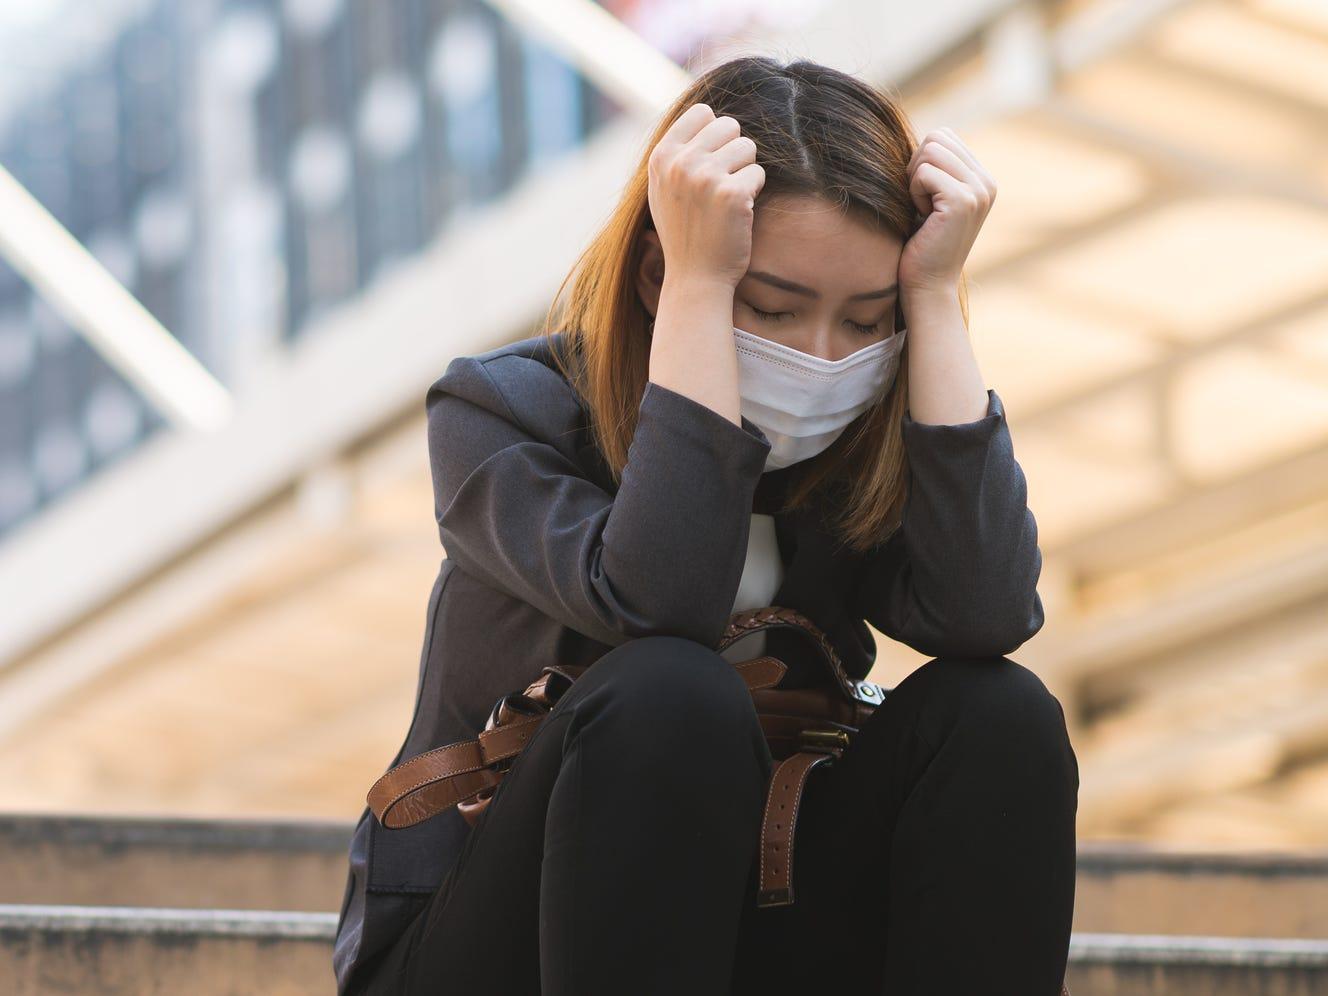 Κορωνοϊός ψυχική υγεία: Οι επιπτώσεις της πανδημίας και το μετατραυματικό στρες